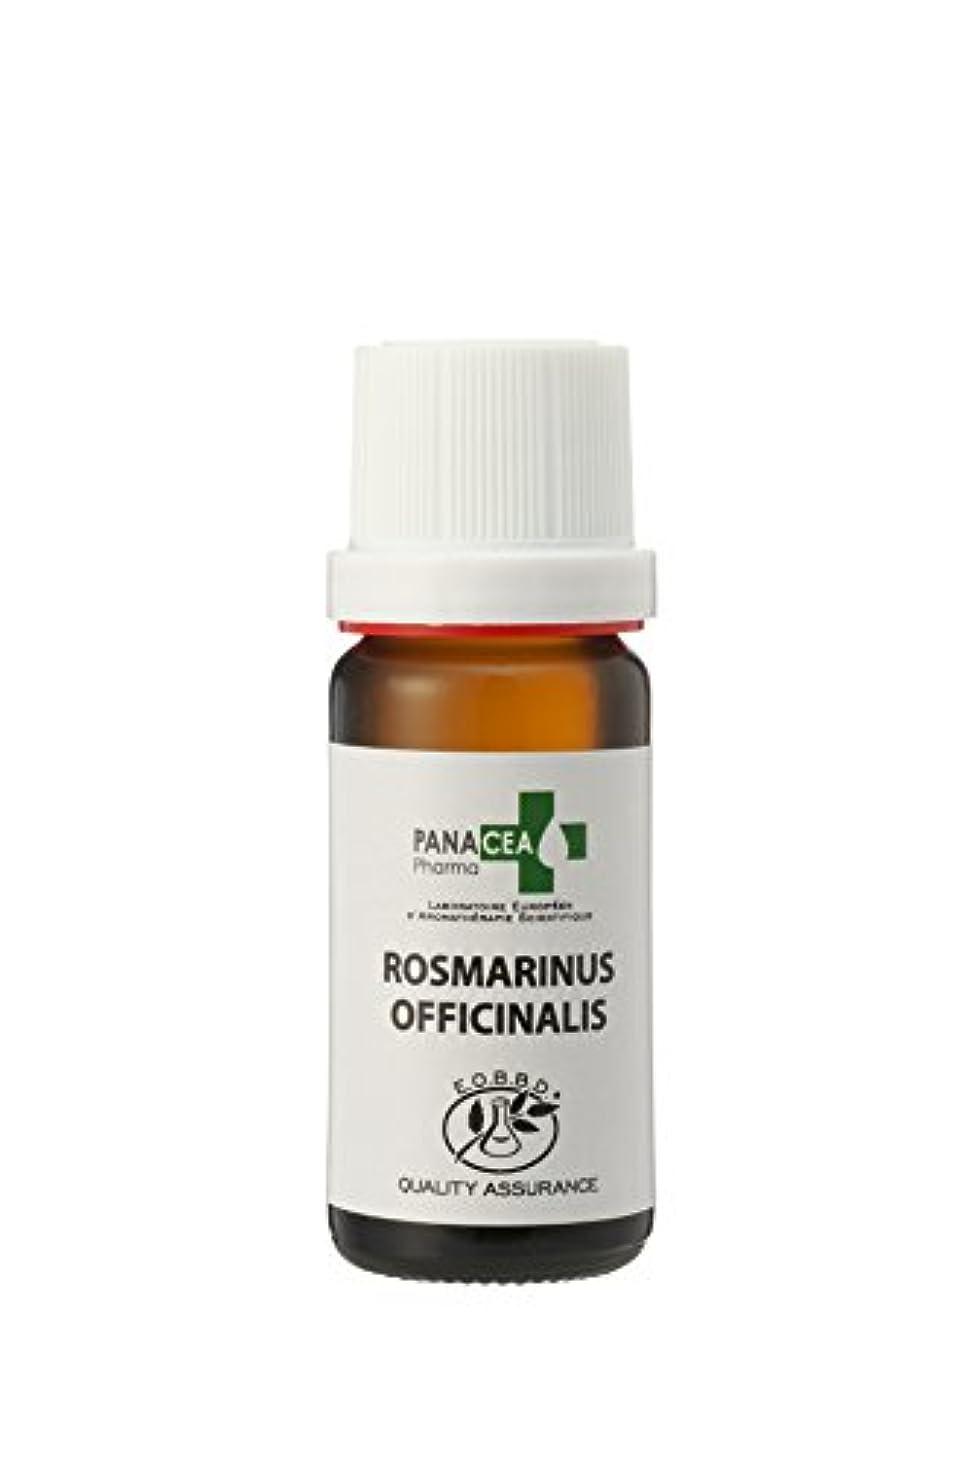 草息切れ雑草ローズマリー シネオール (Rosmarinus officinalis) 10ml エッセンシャルオイル PANACEA PHARMA パナセア ファルマ